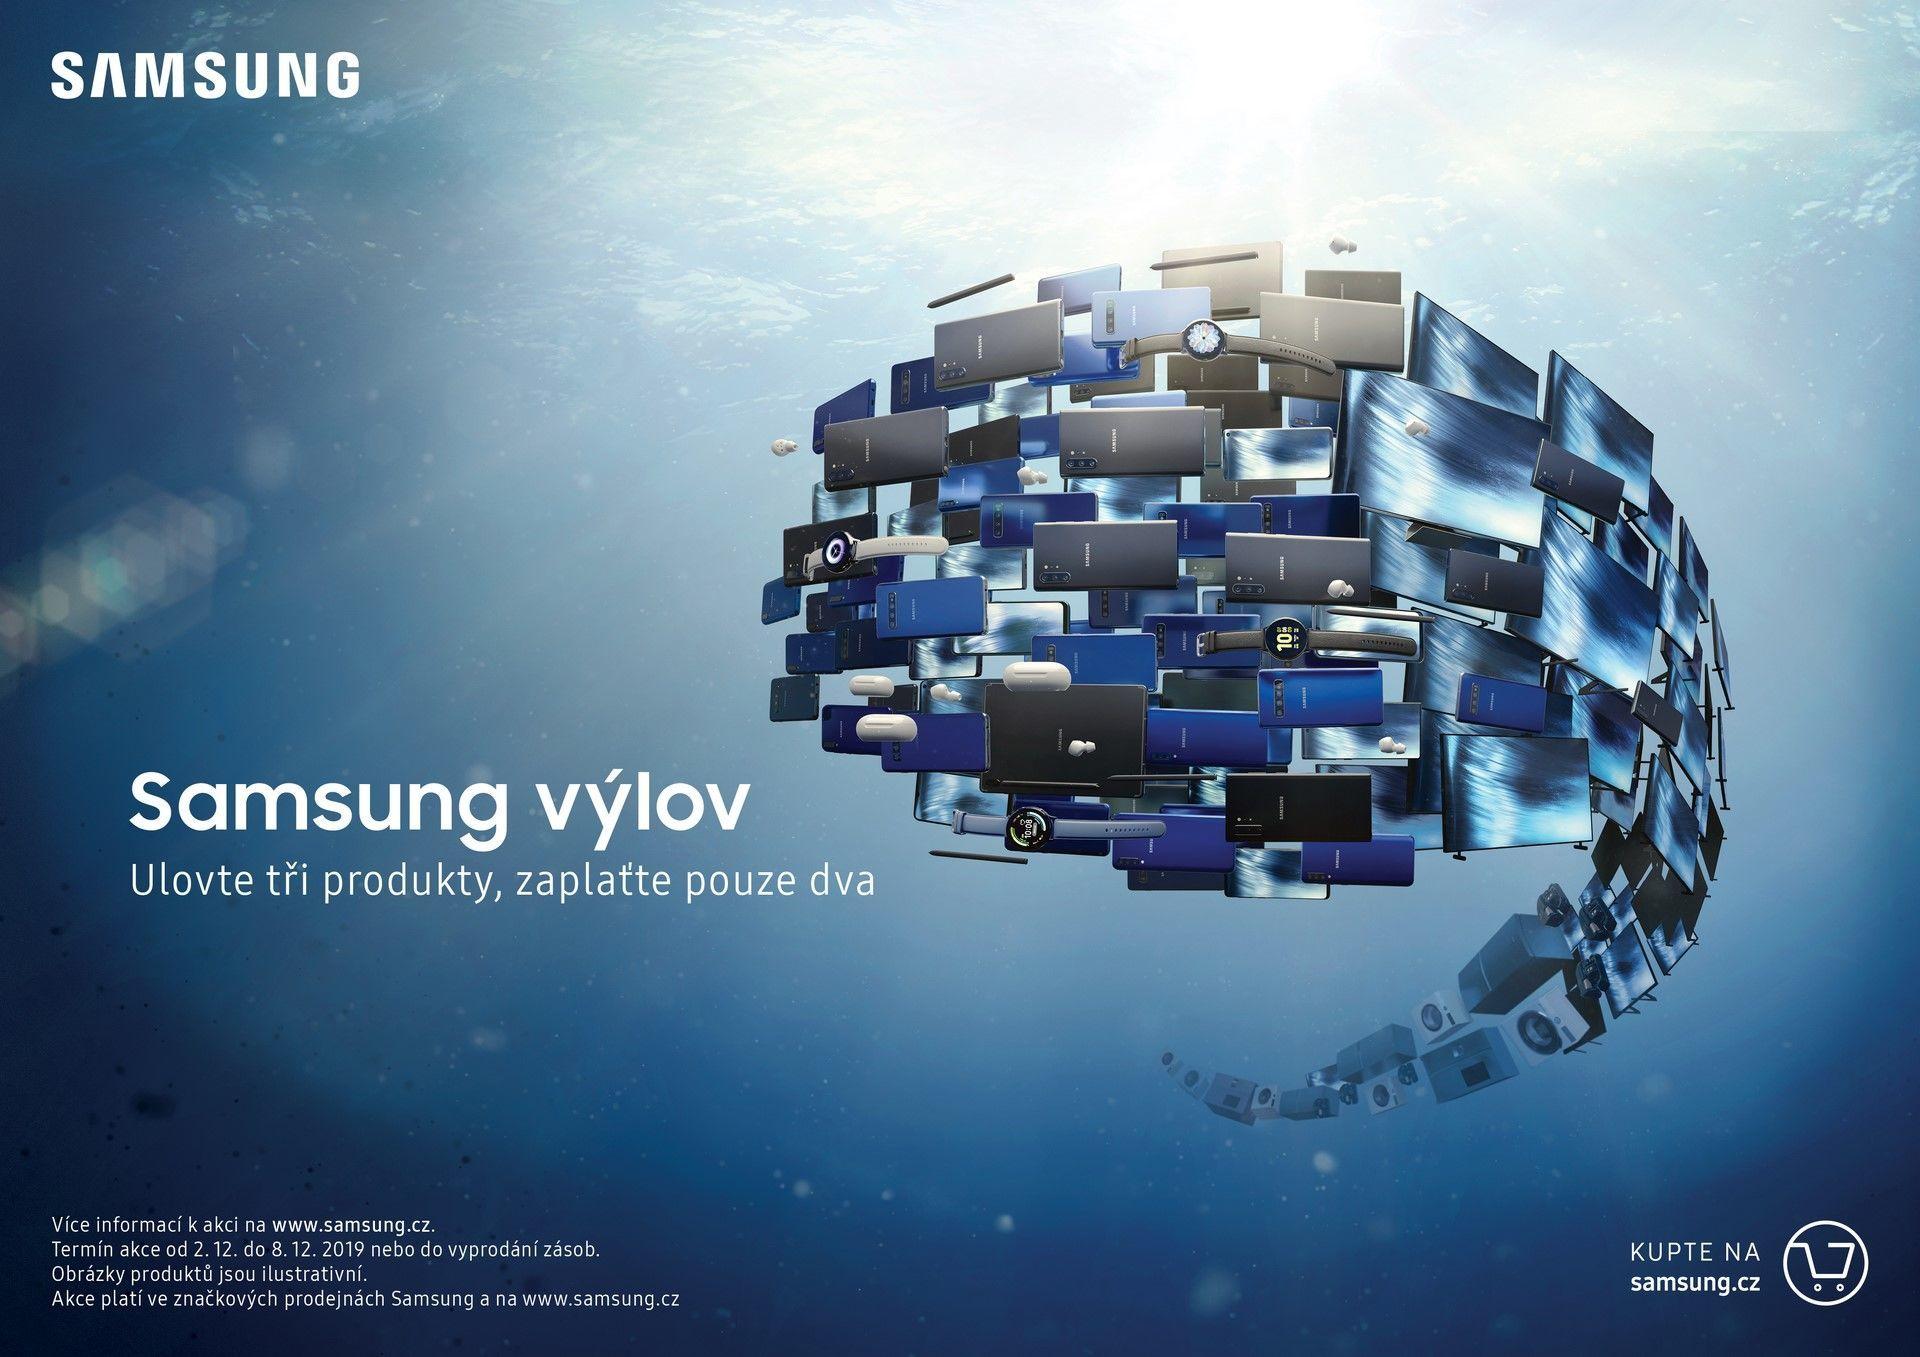 Samsung výlov